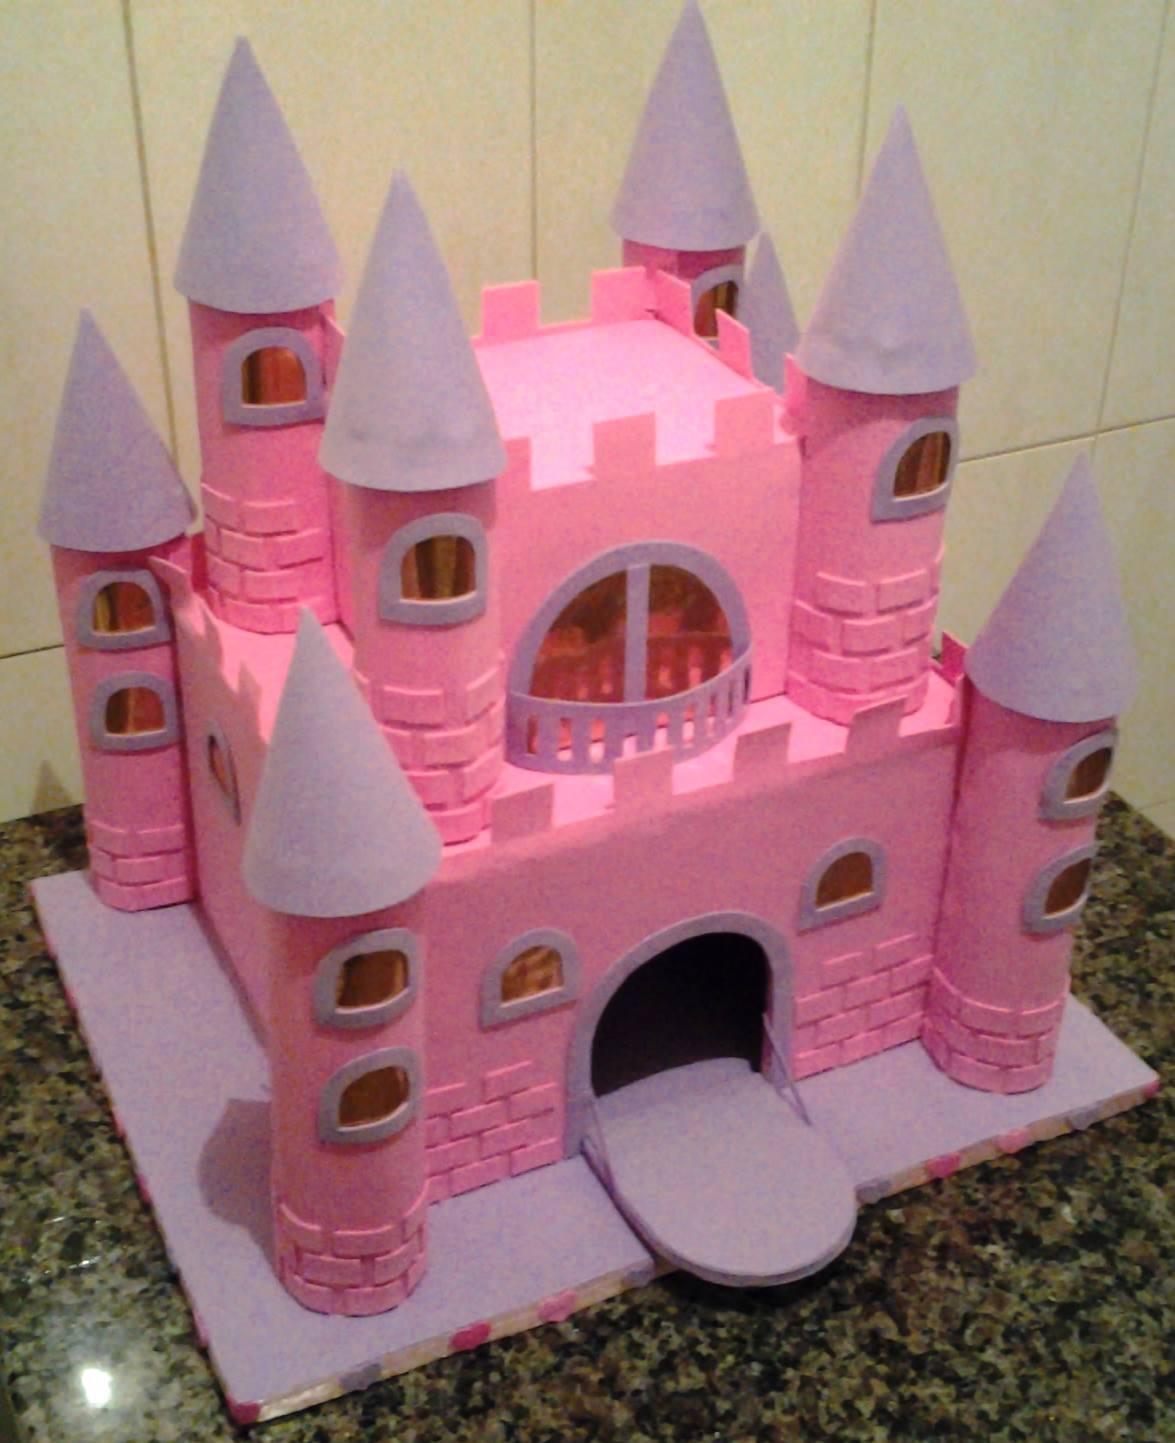 Deise artes castelo das princesas for Mural de isopor e eva